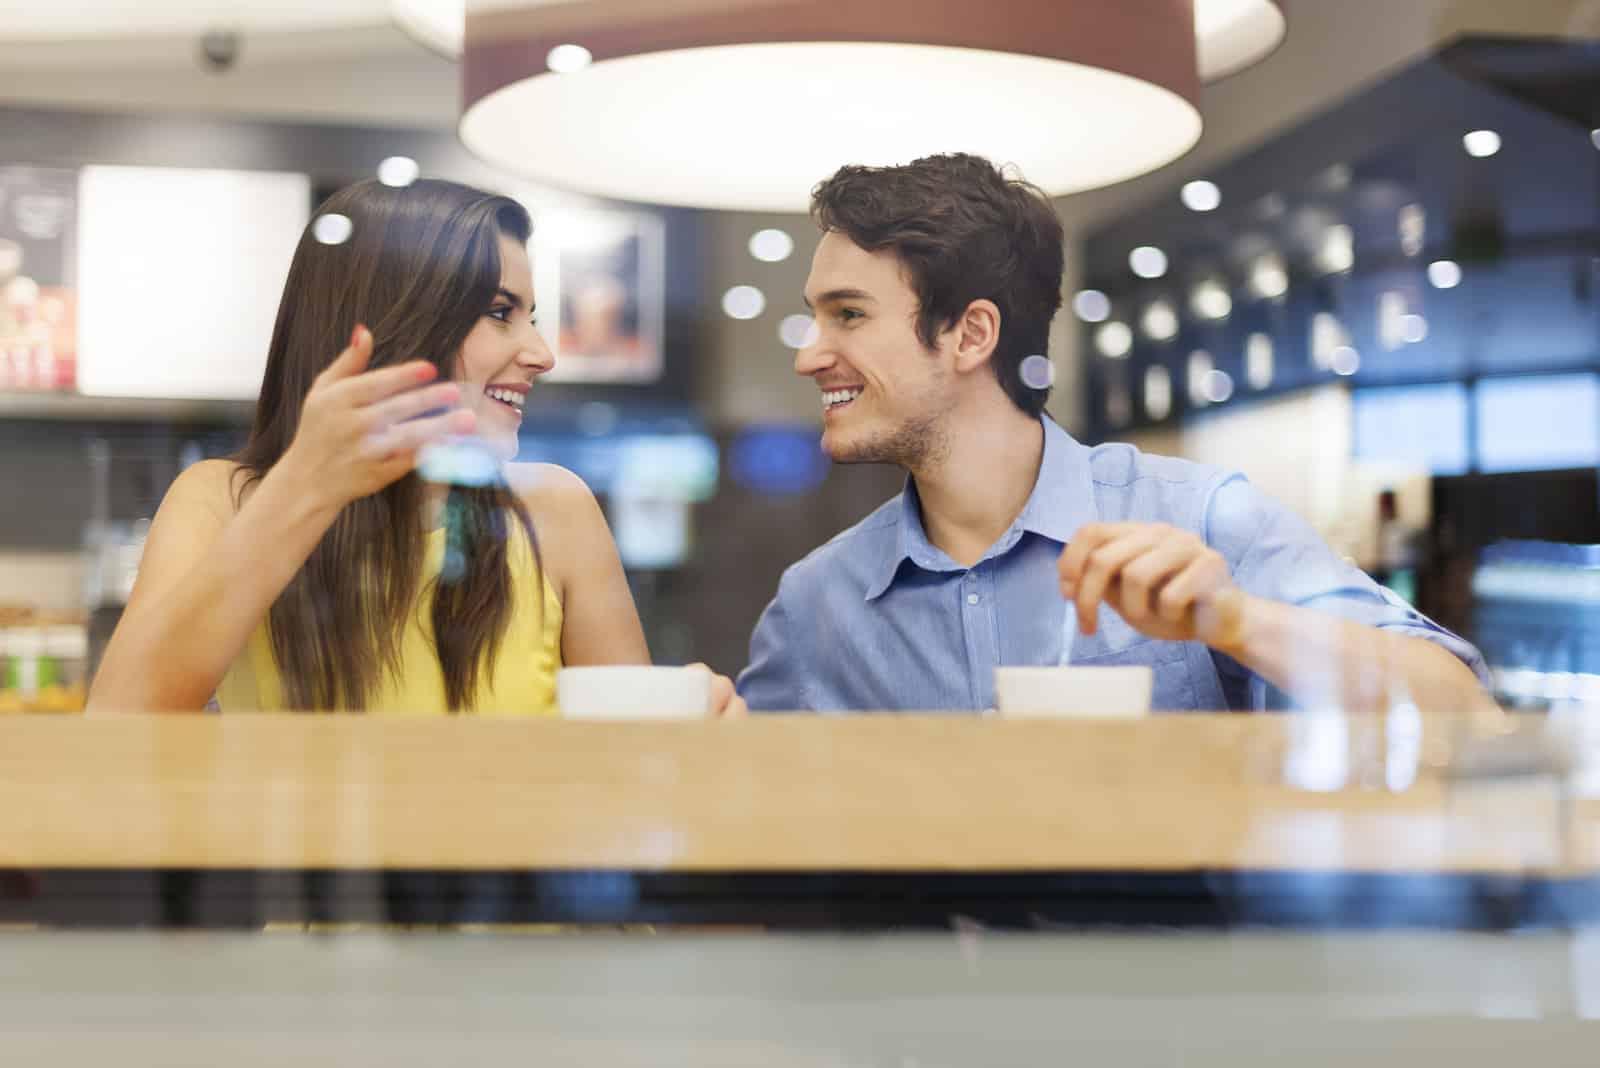 un homme et une femme dans un café sont assis en train de boire du café et de rire